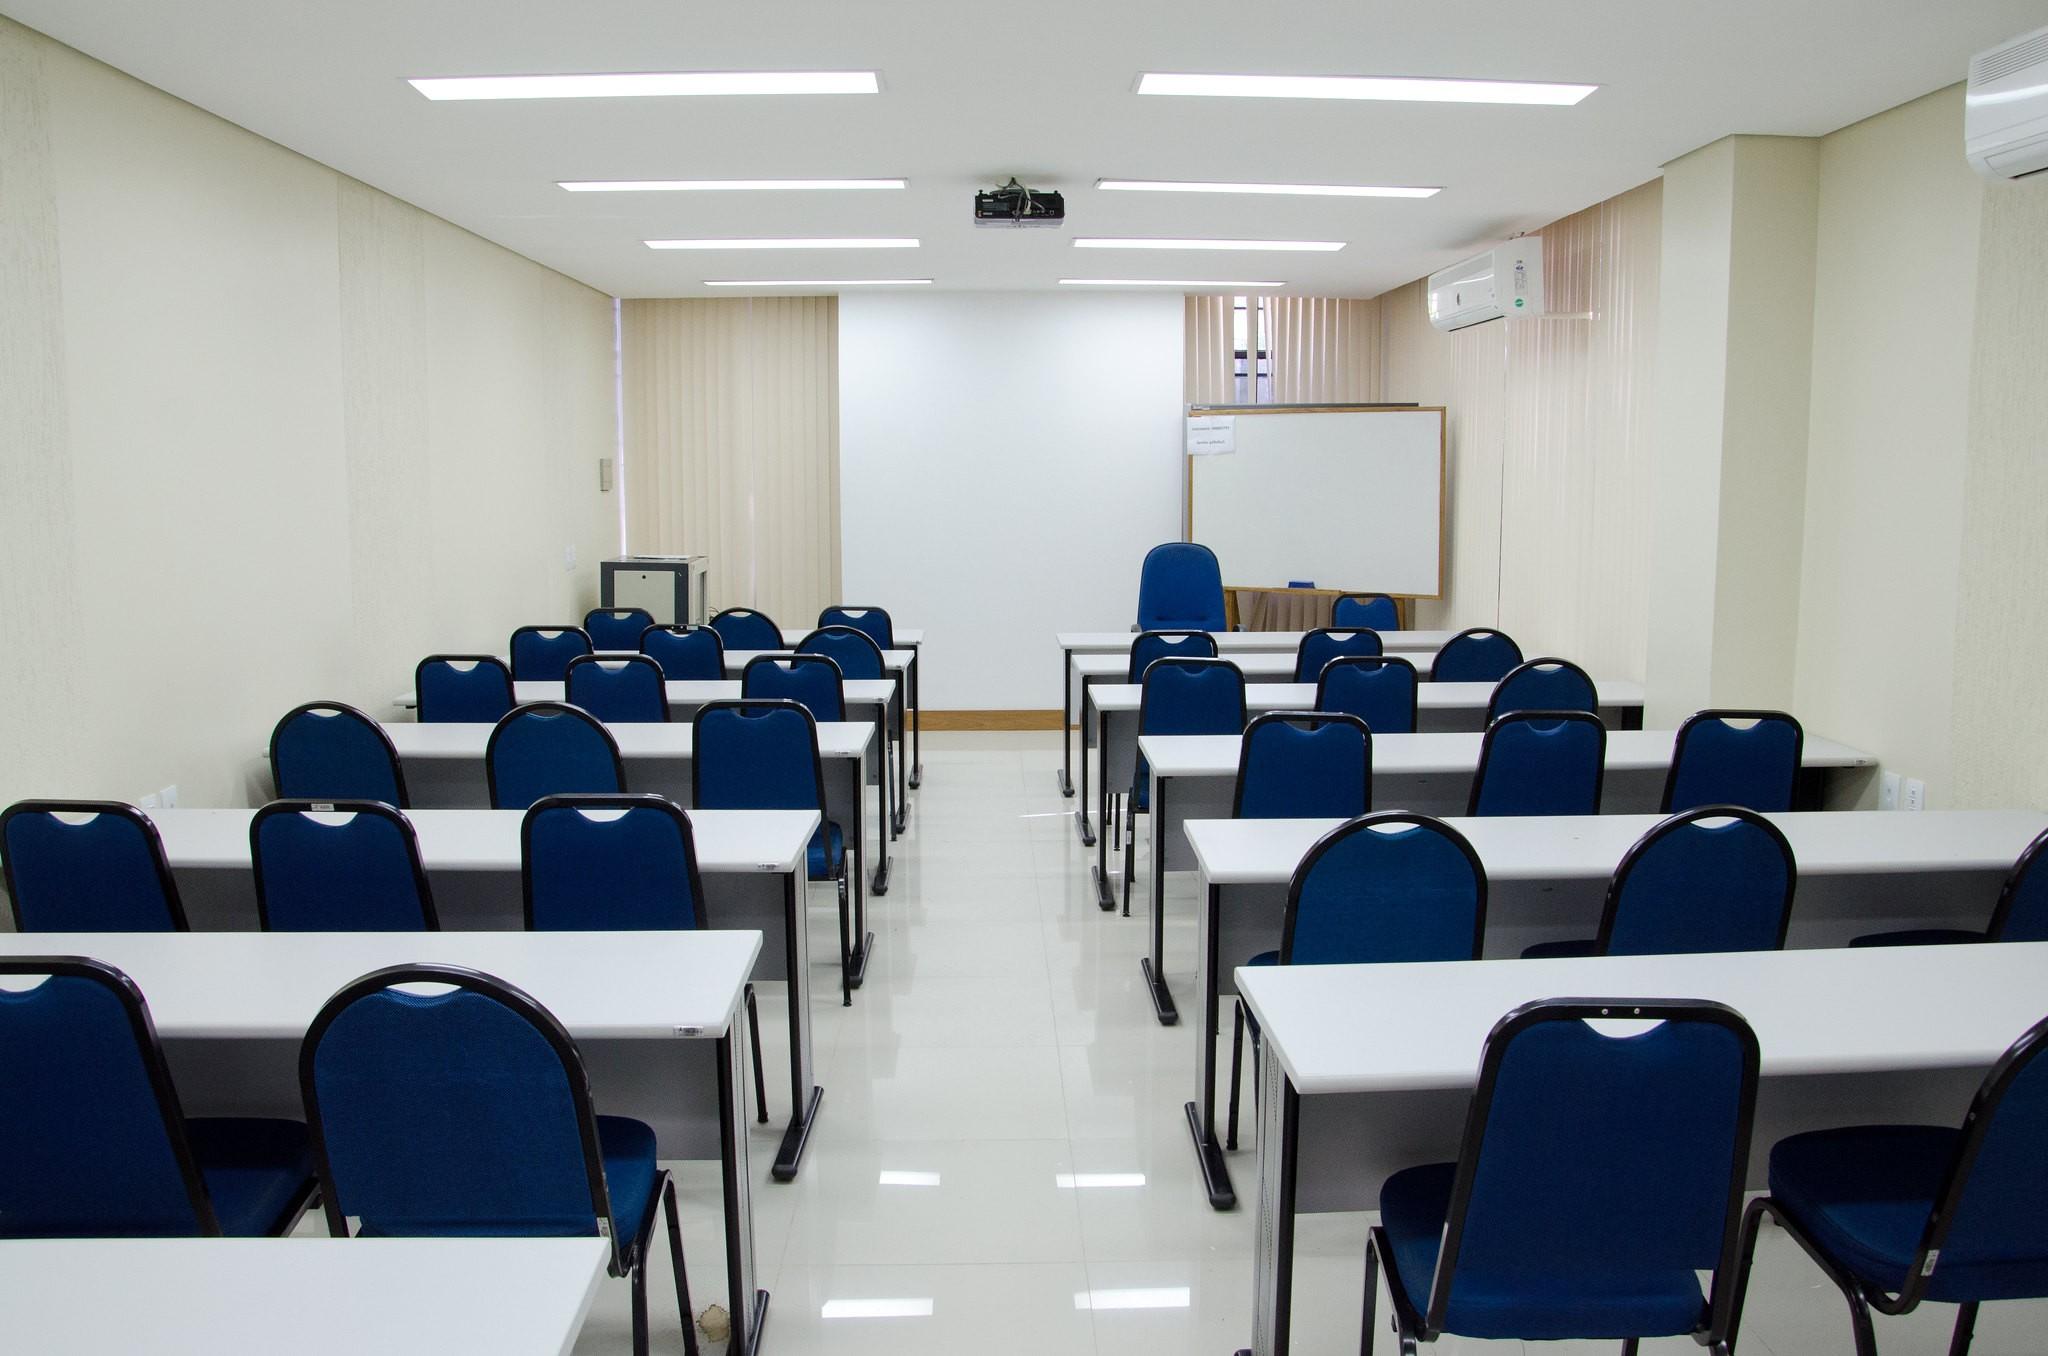 Pesquisadores do RS relatam problemas após 'apagão' no CNPq: 'Horrível', diz professora